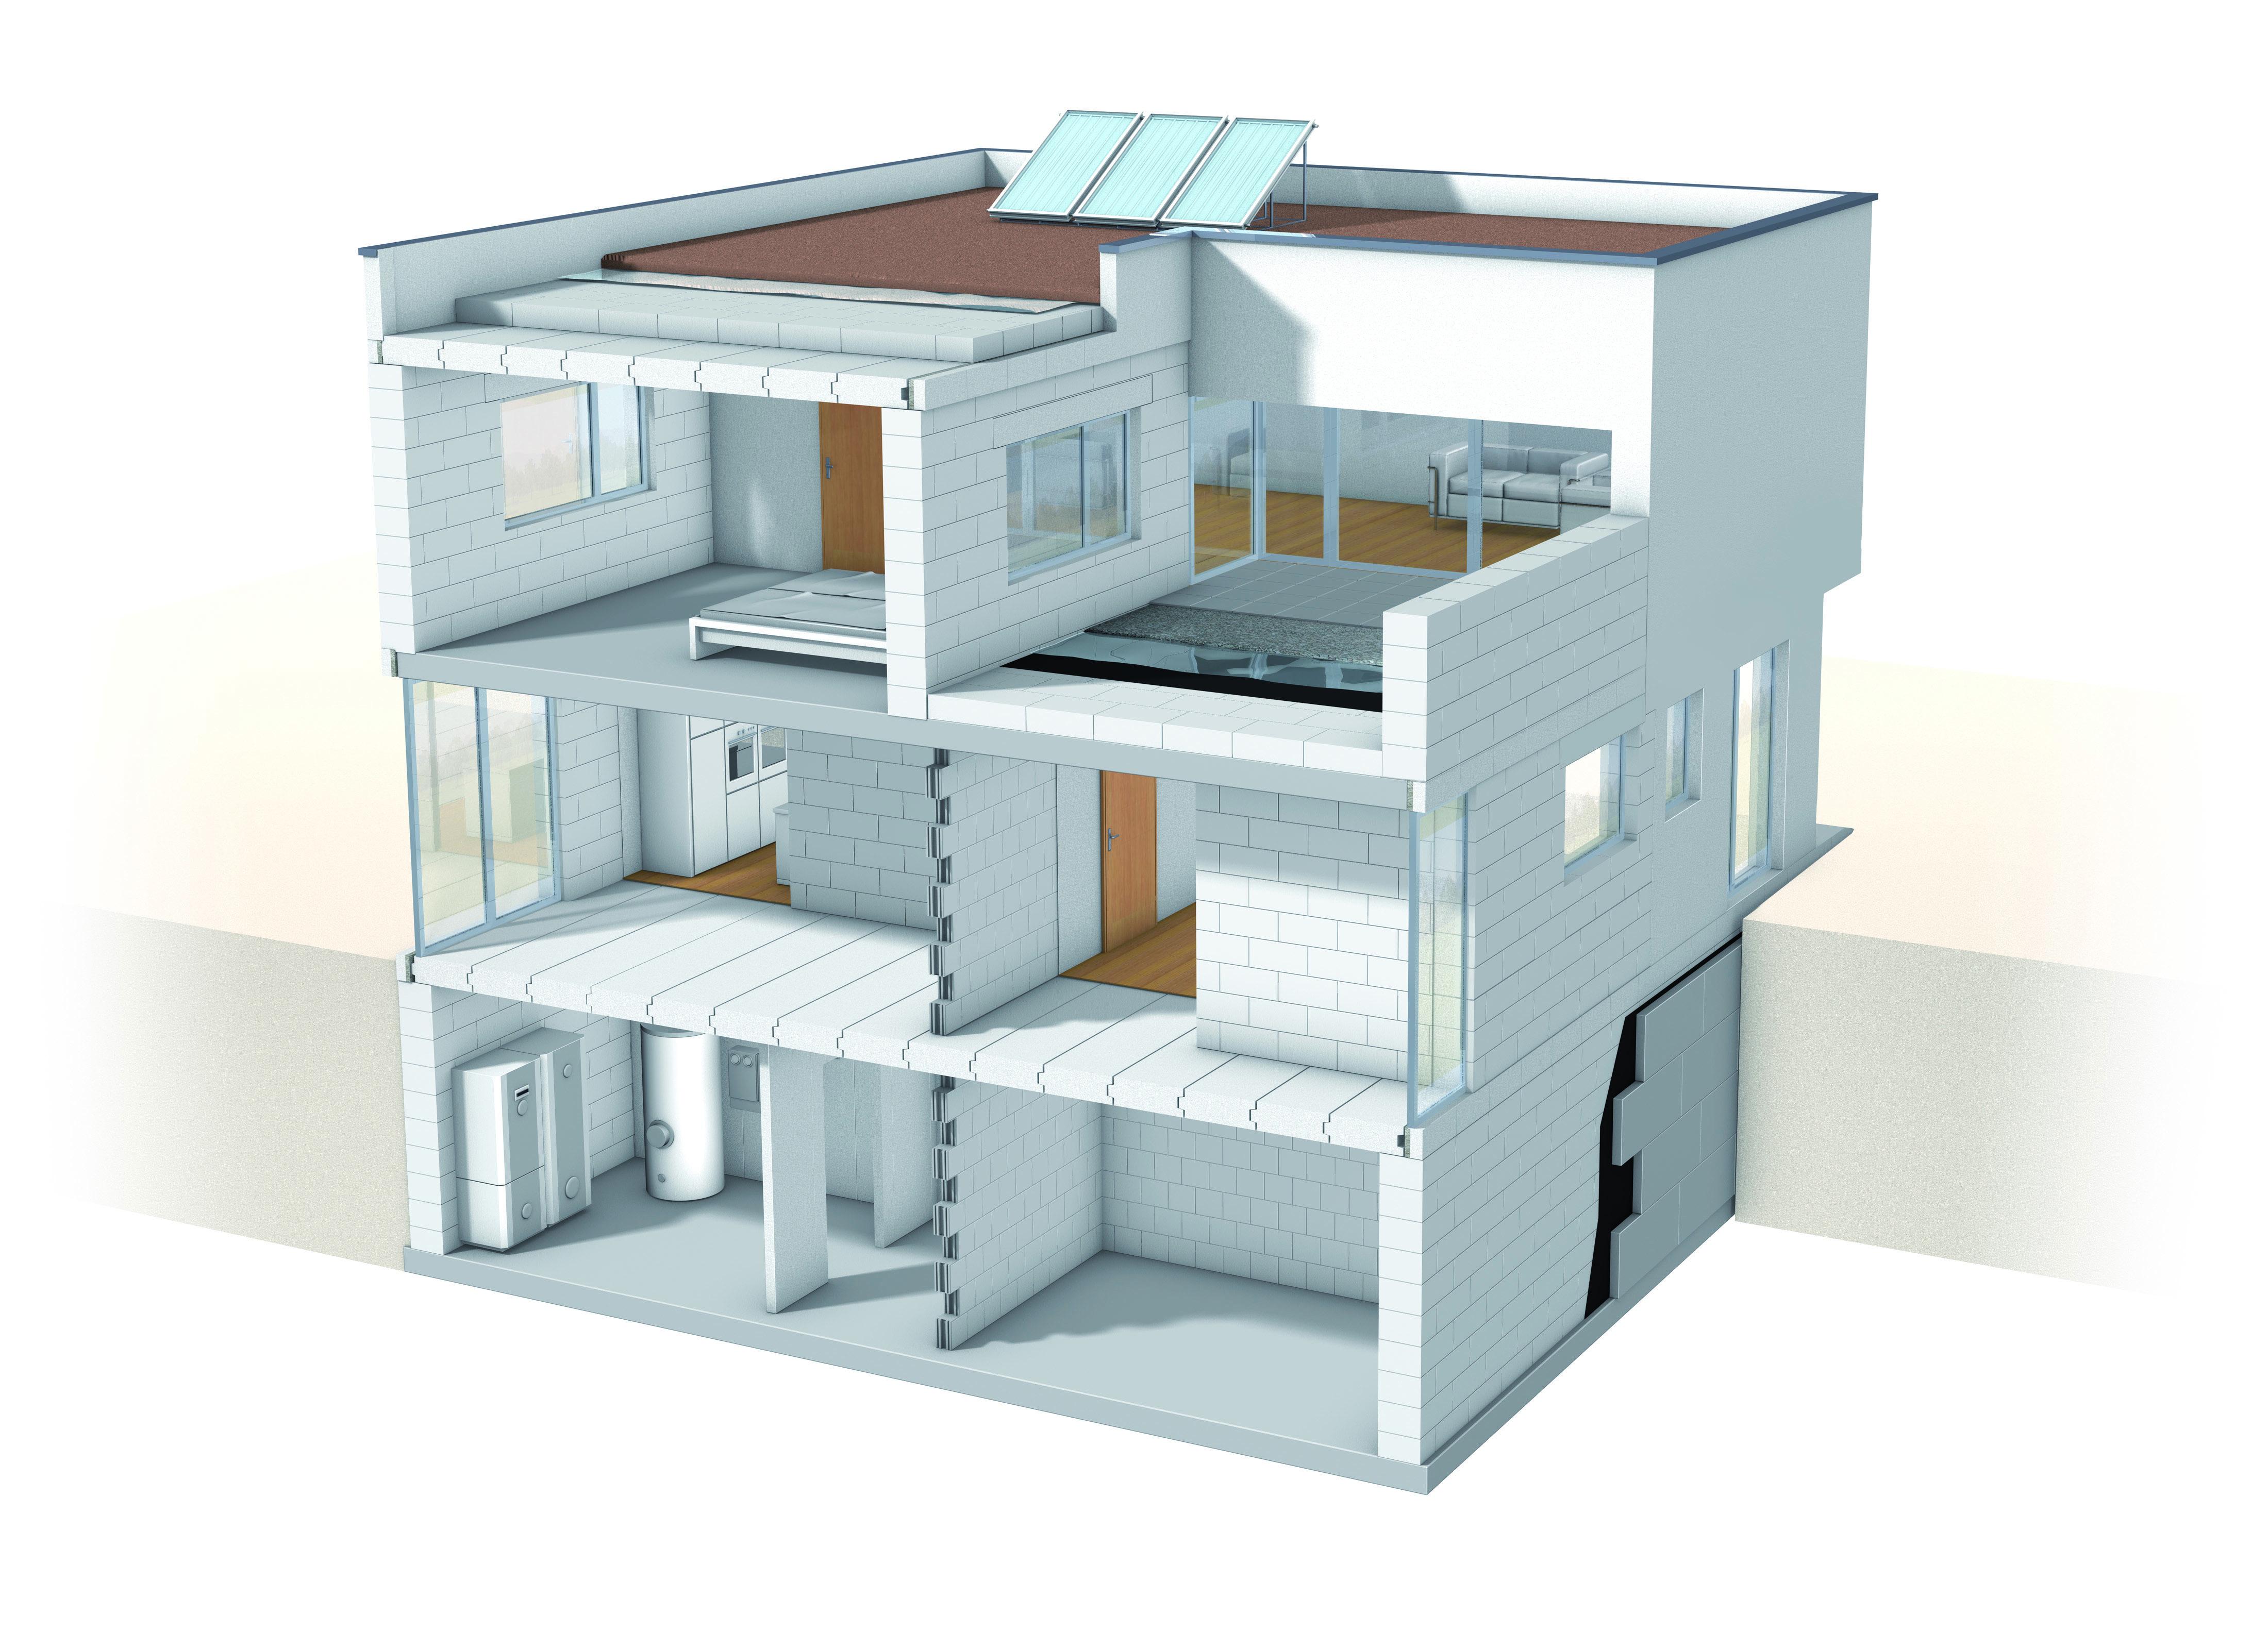 Xella Hausillustration Einfamilienhaus 1504 Original